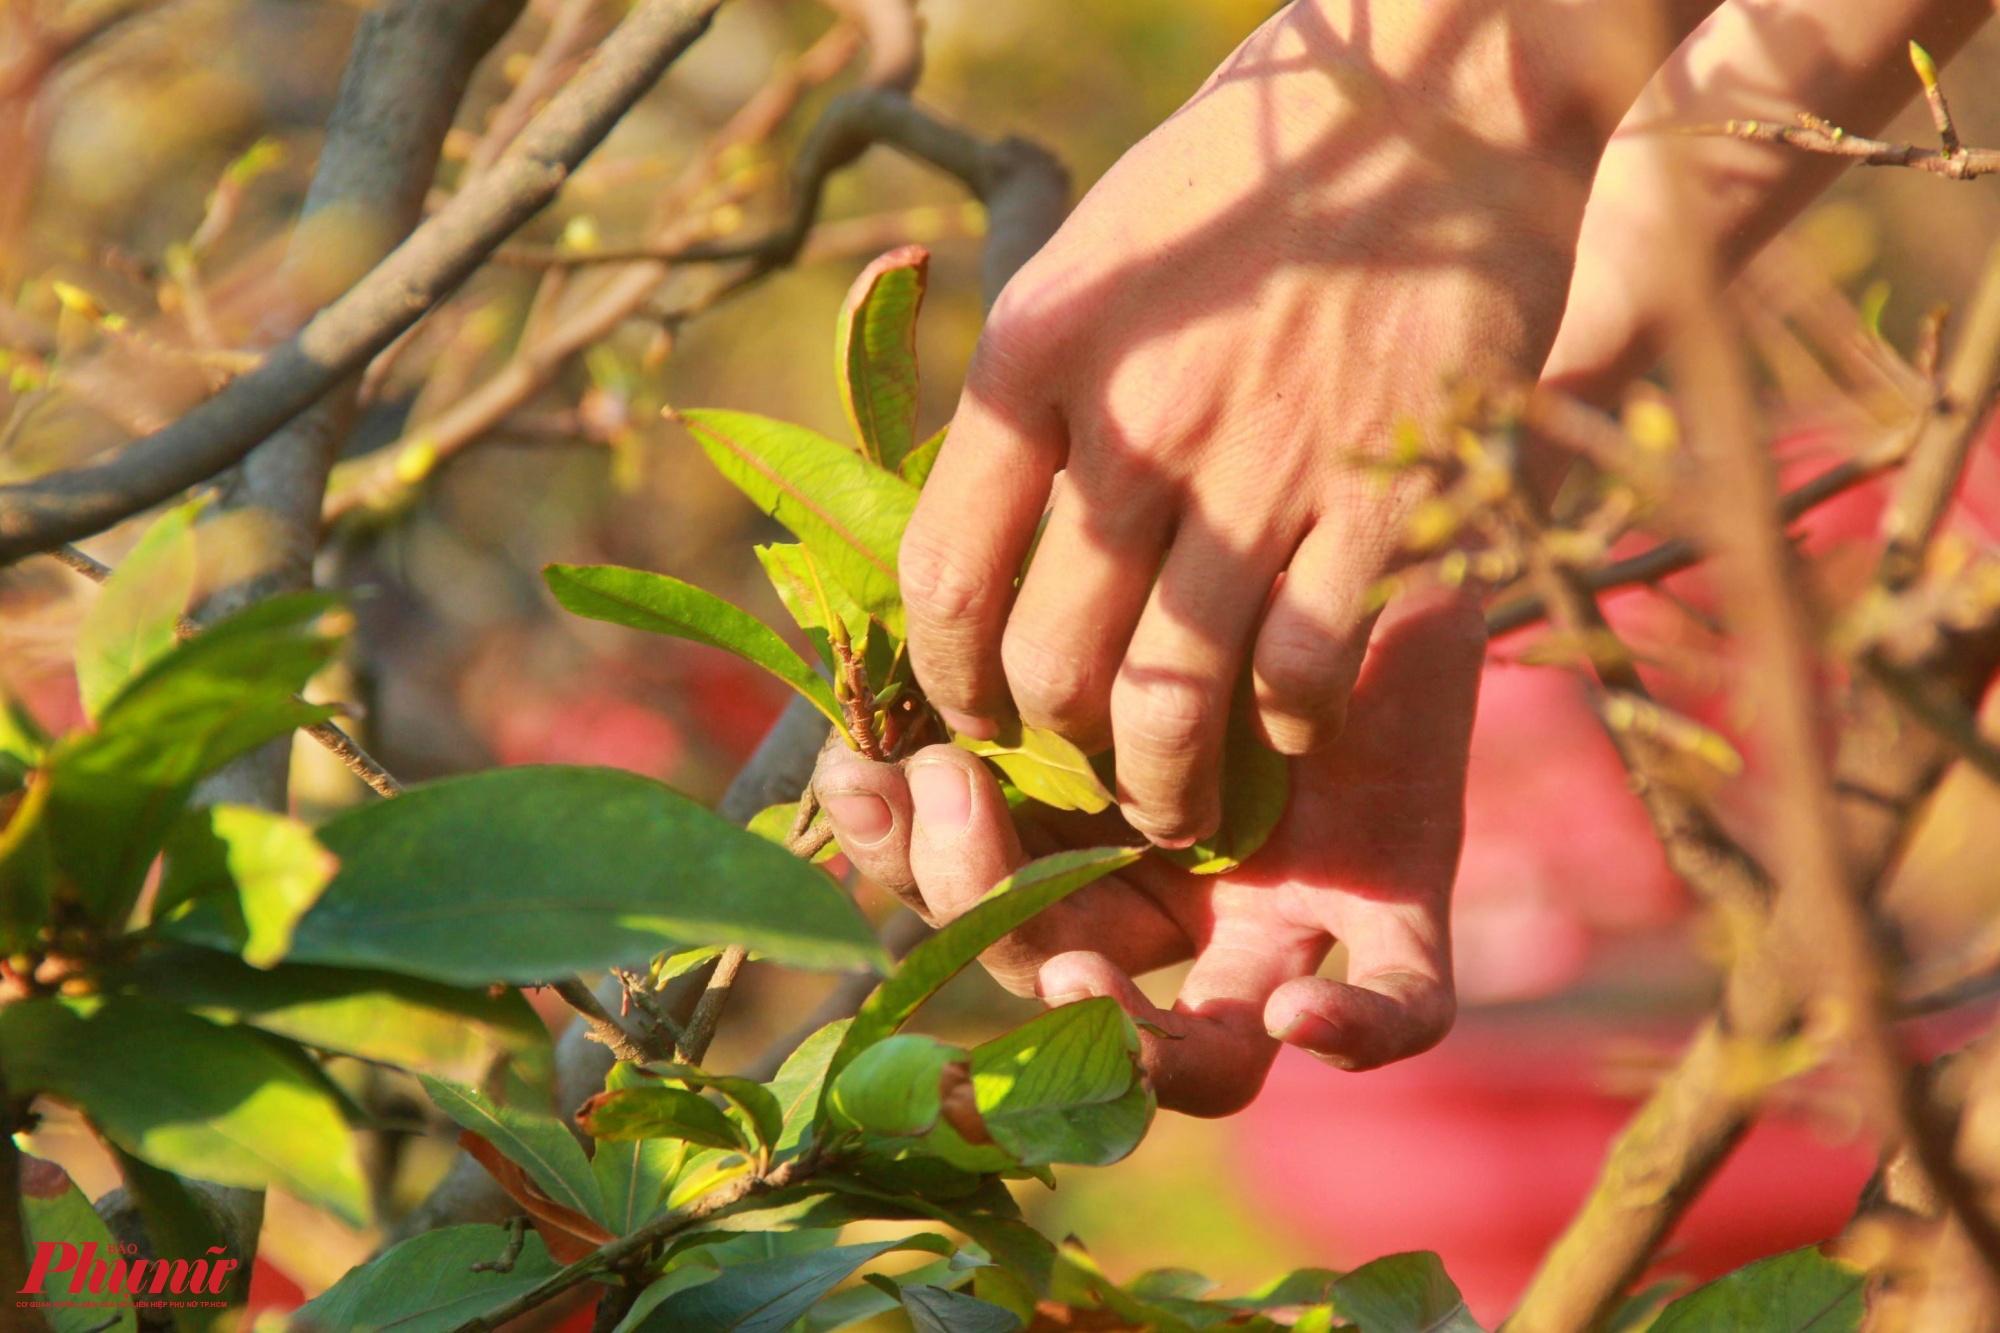 Các nhà vườn cho nhân công thường tút lá từ khoảng 15 đến 18 tháng Chạp, hiện tại thời tiết nắng gắt có thể hoa nở sớm.